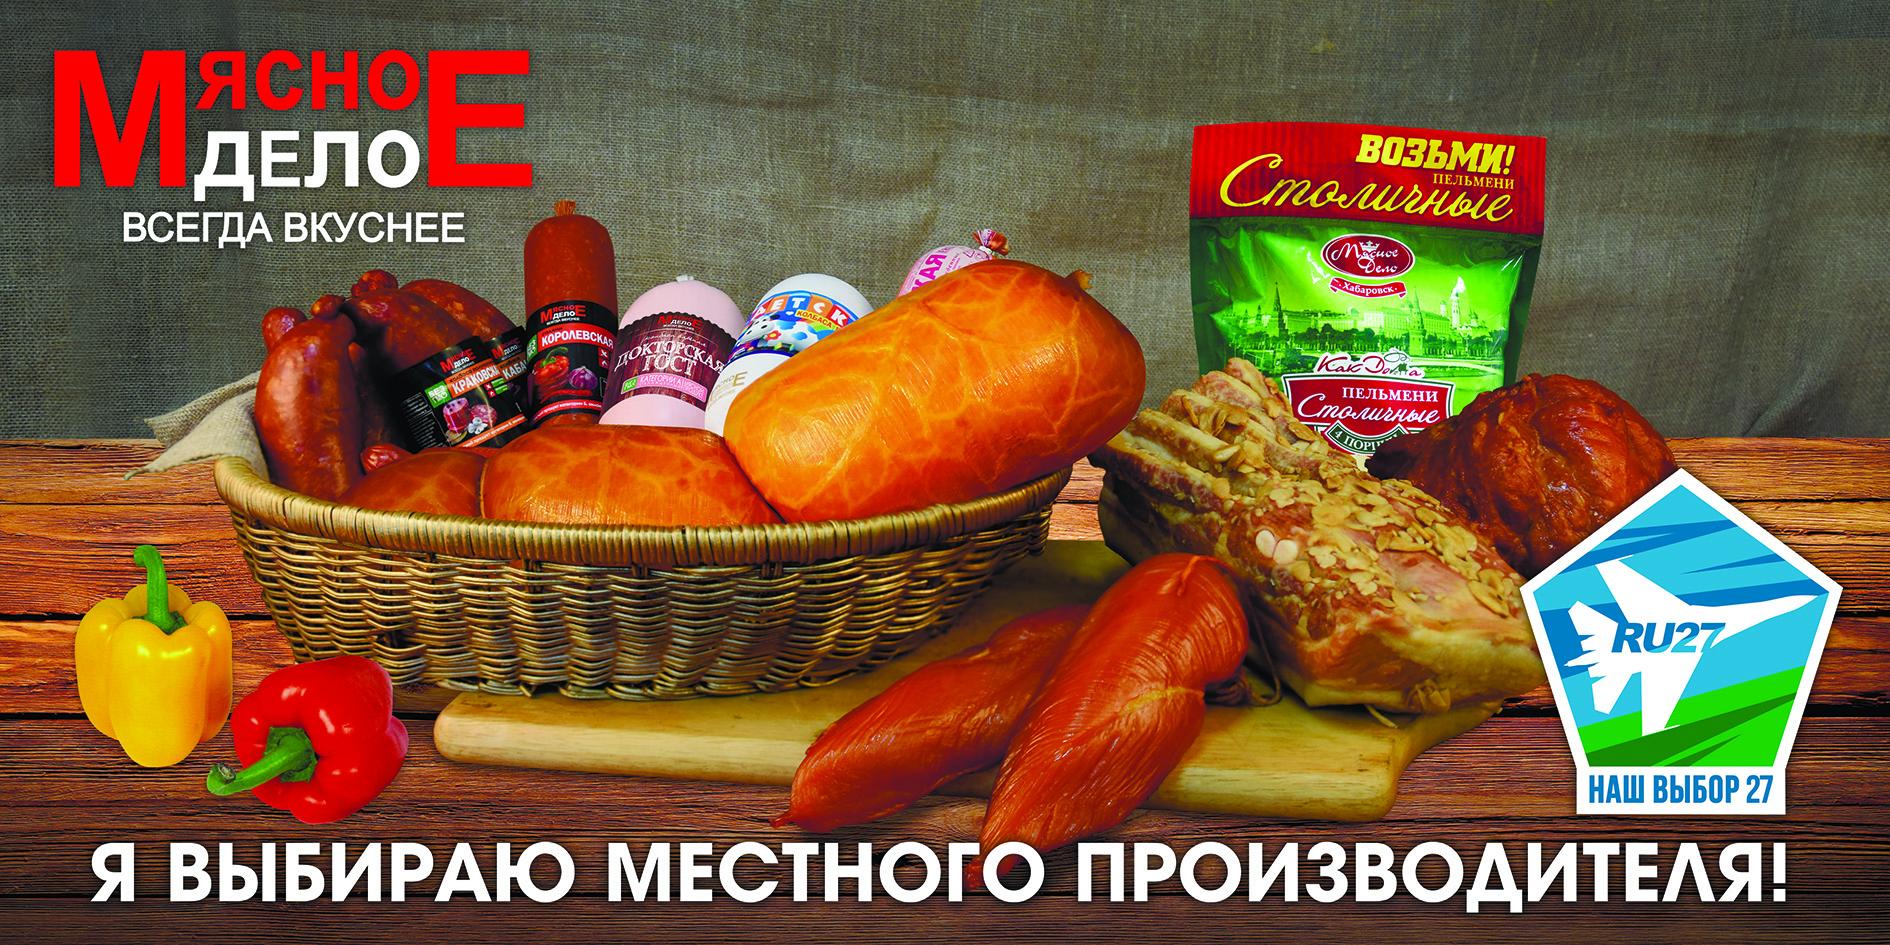 Колбаса «Детская» варёная и зельц «Сальтисон» от «Мясного дела» получили хабаровский знак качества